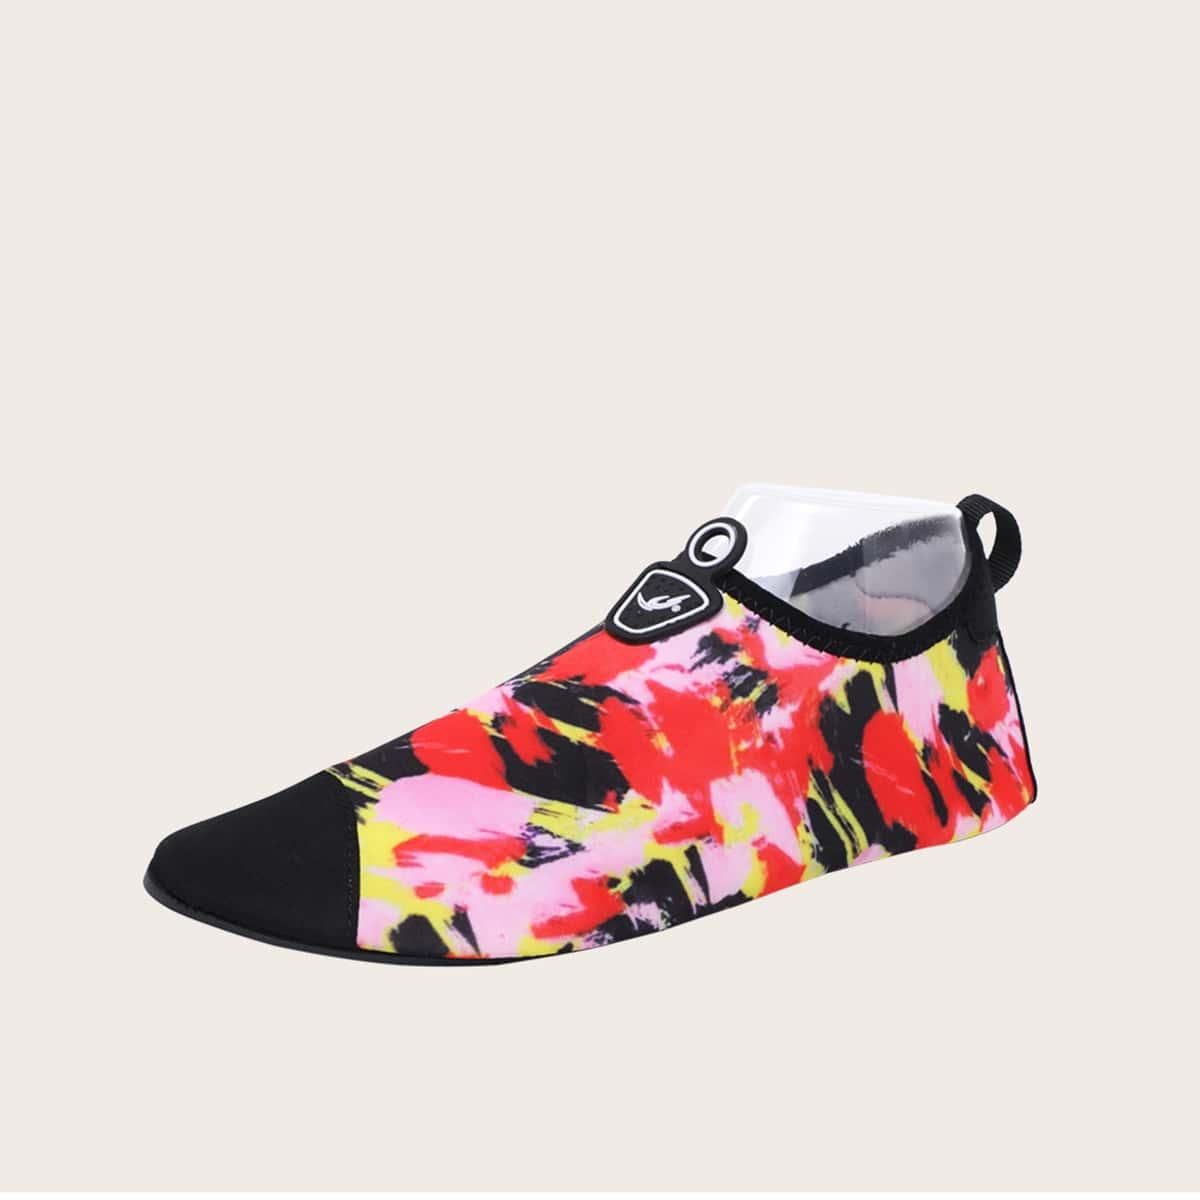 Обувь для мальчиков с цветными блоками фото